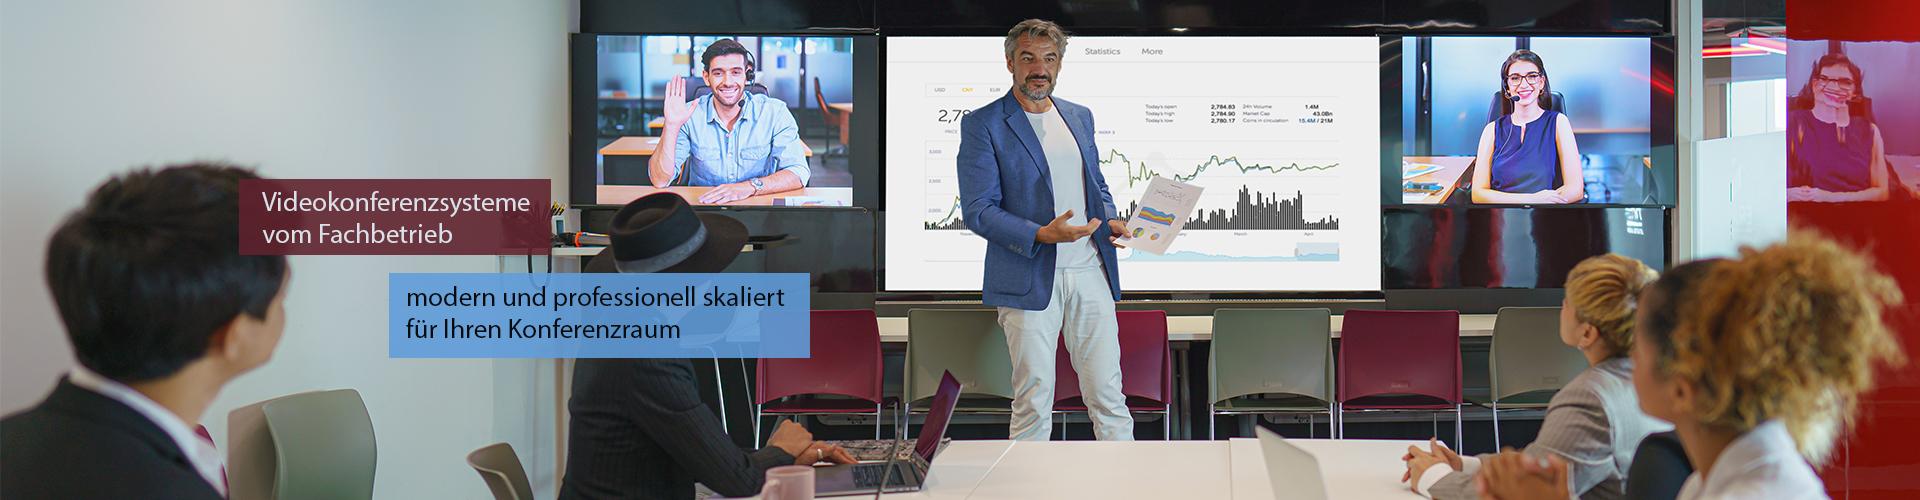 Videokonferenzsysteme fachgerecht skaliert